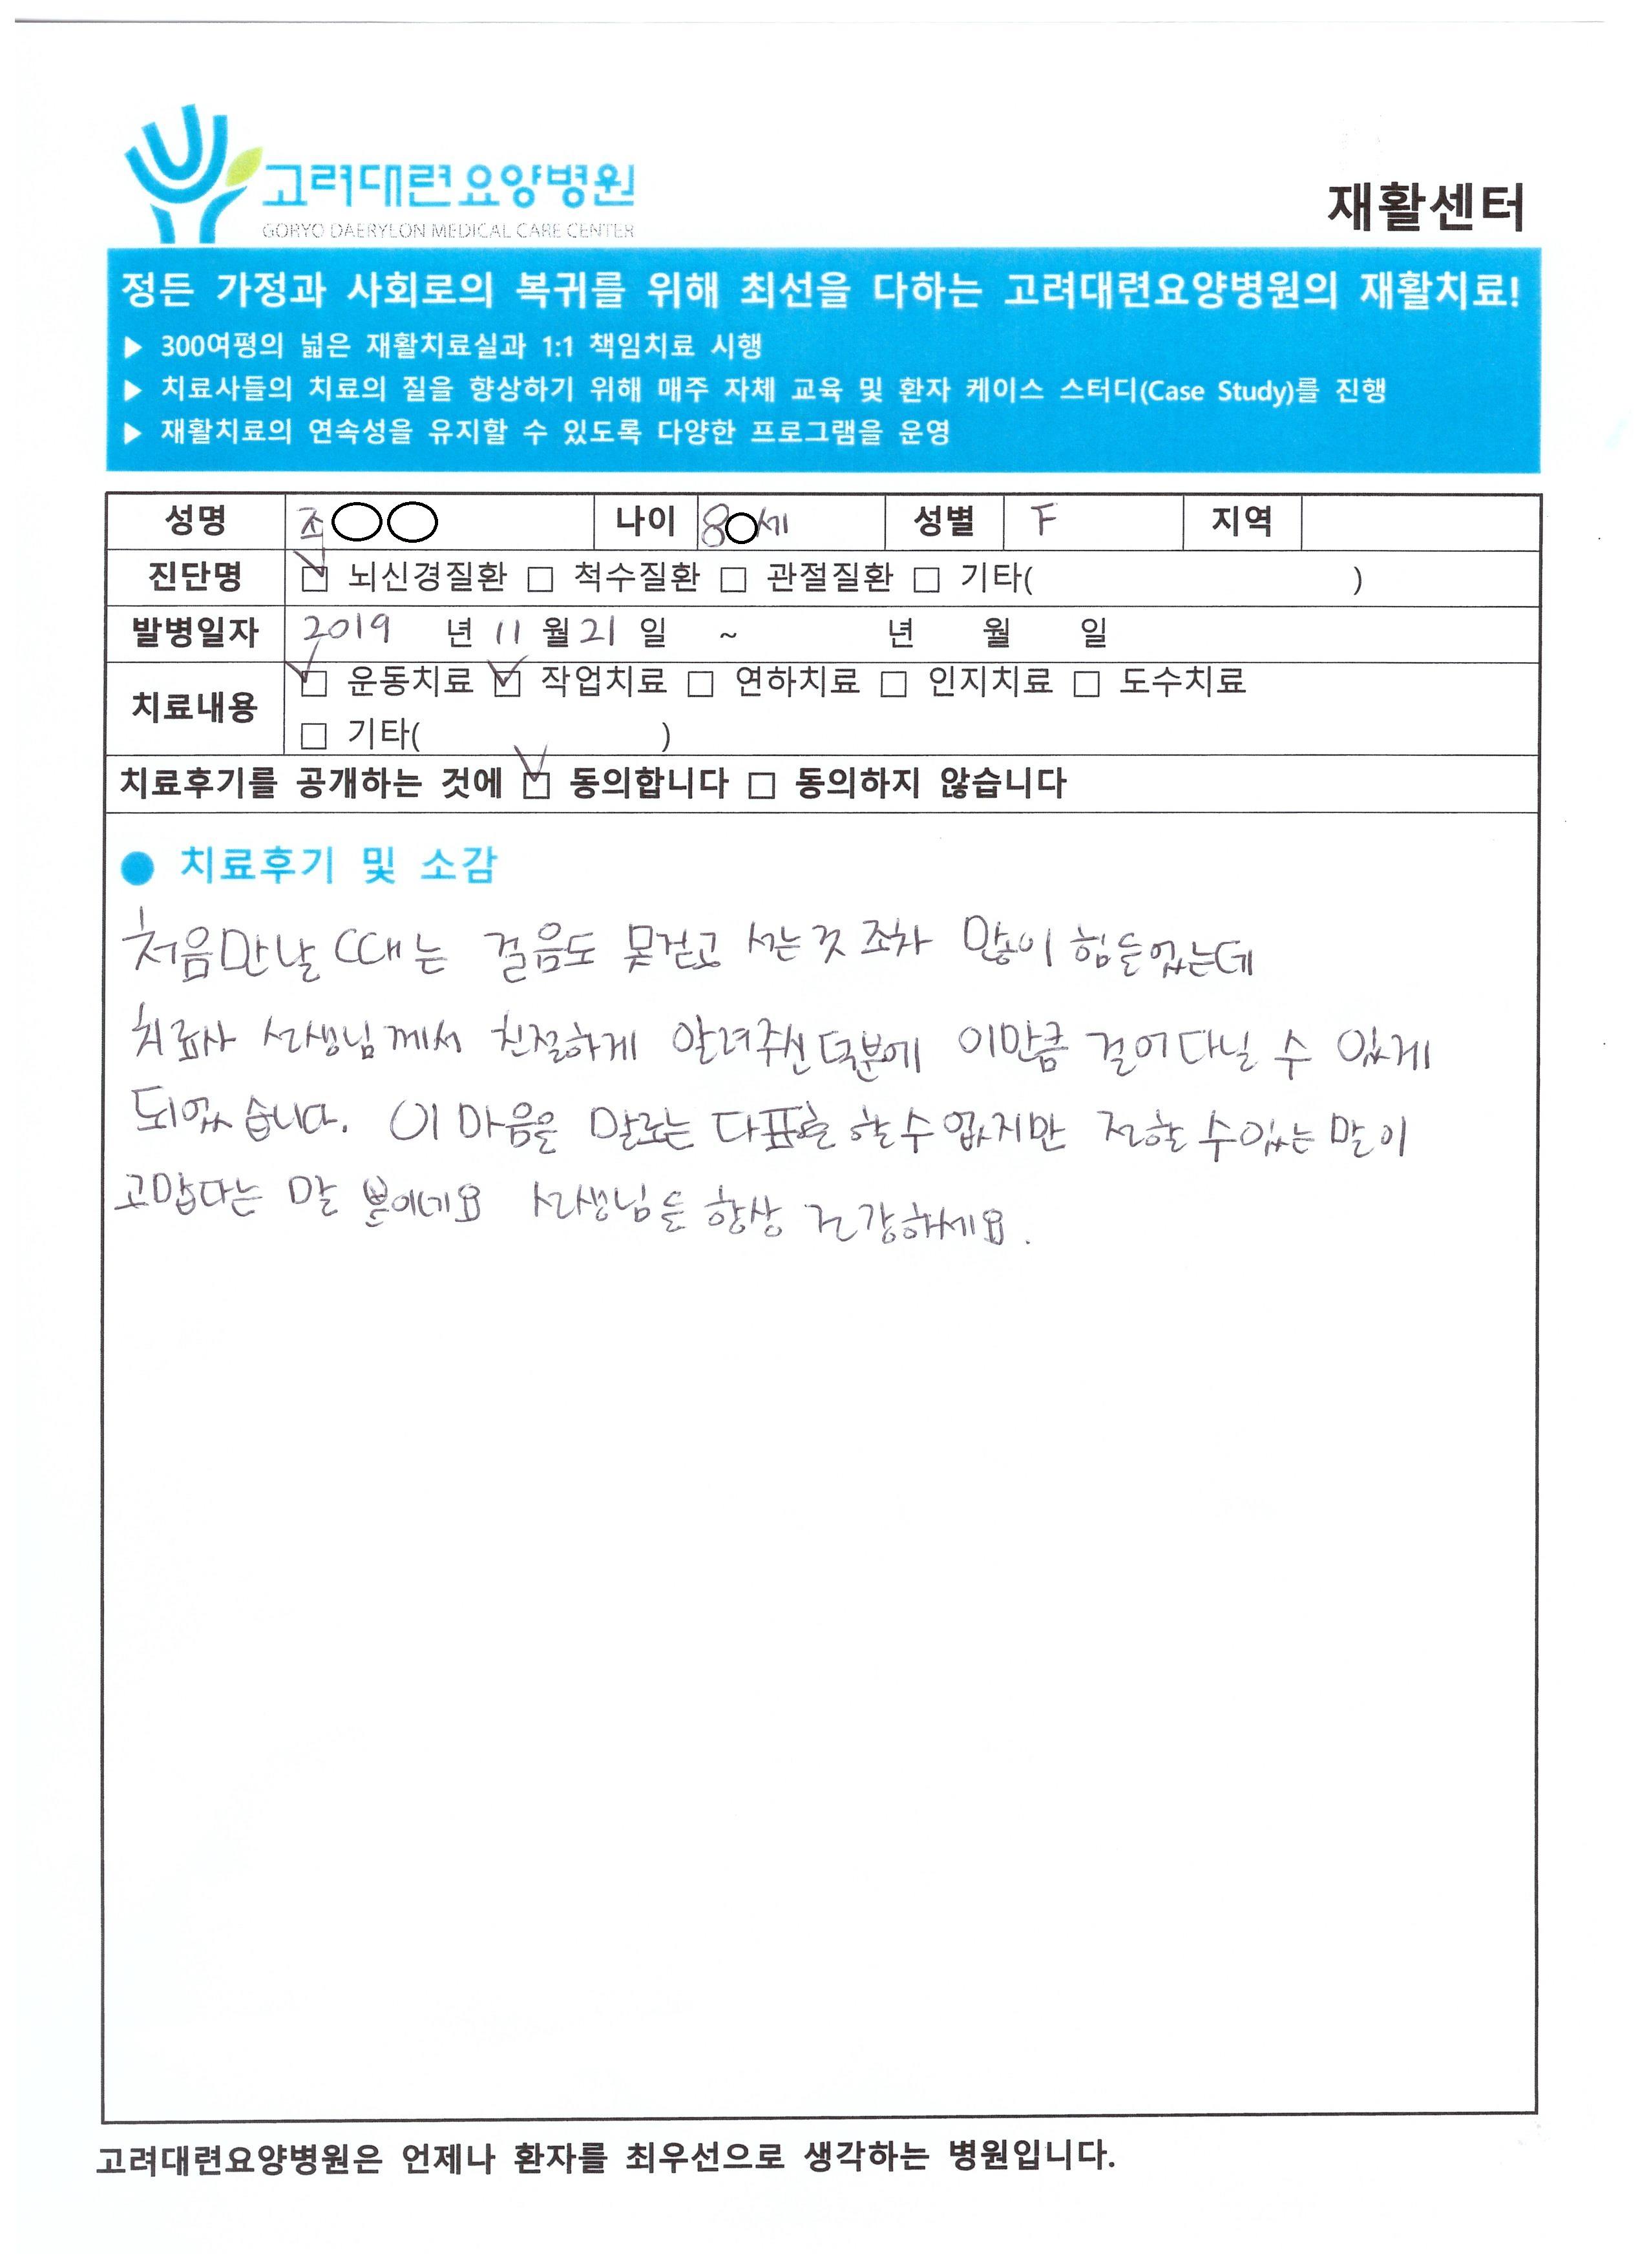 [재활센터] 조OO 치료후기